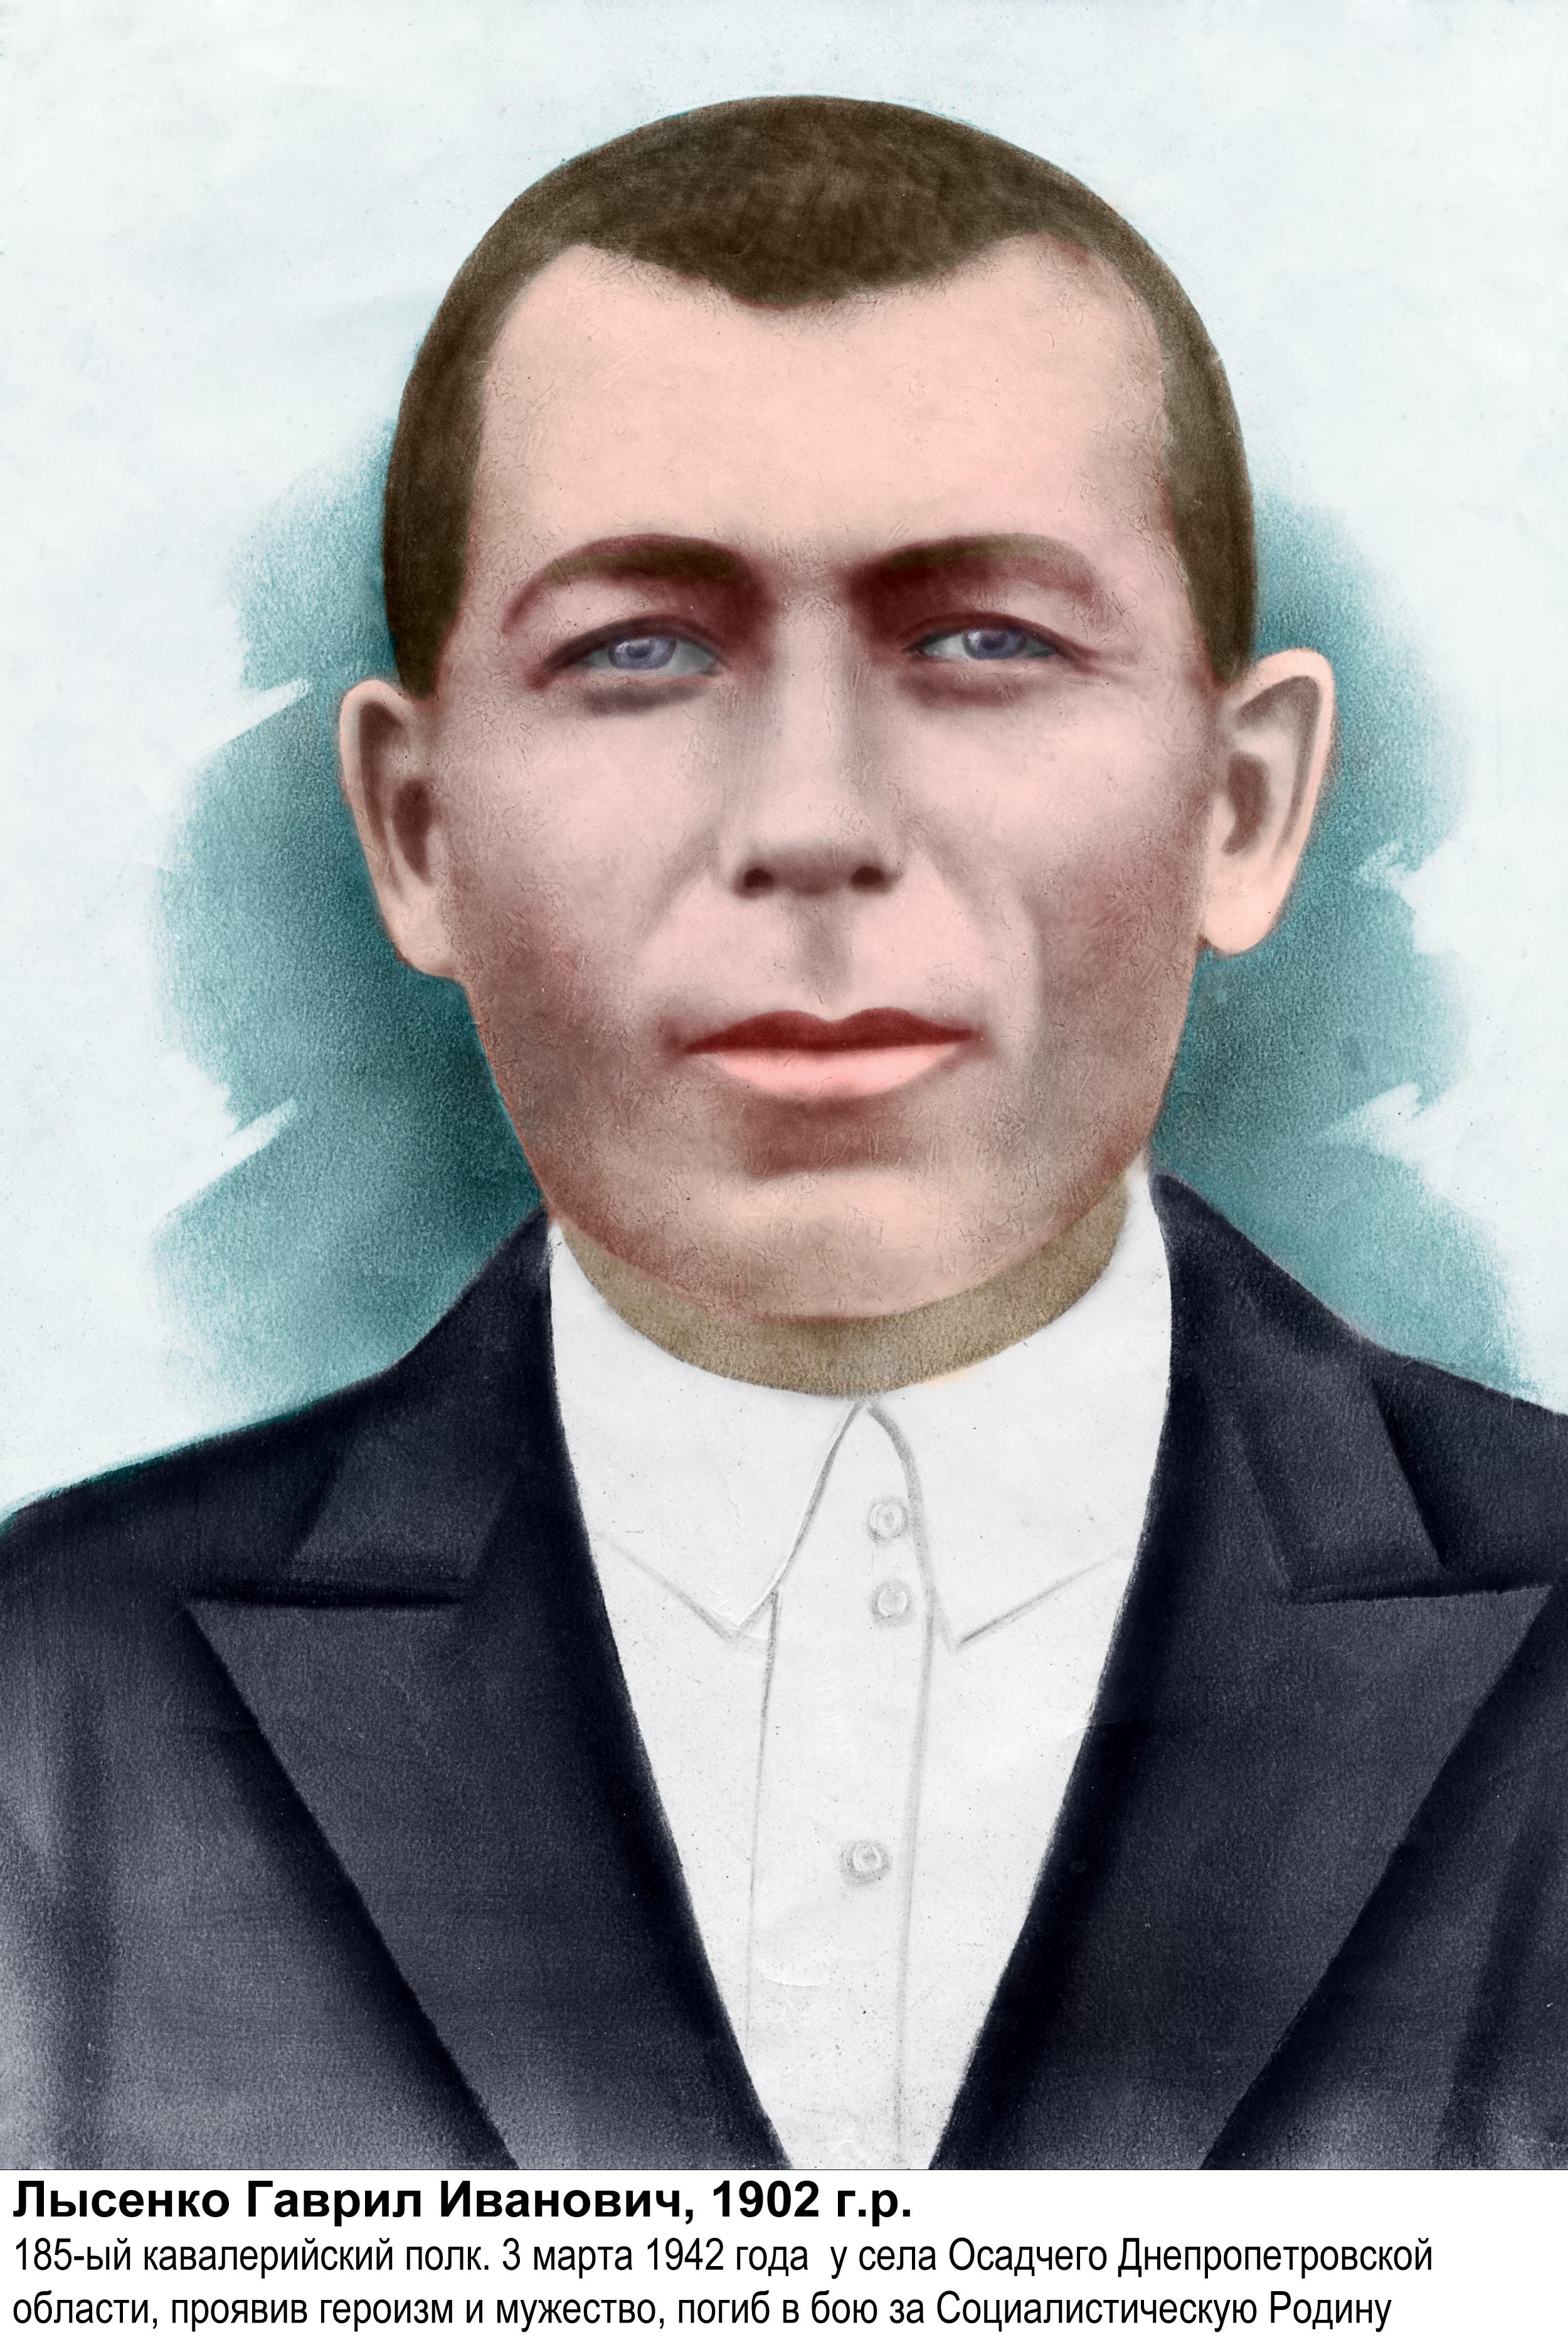 Лысенко Гавриил Иванович